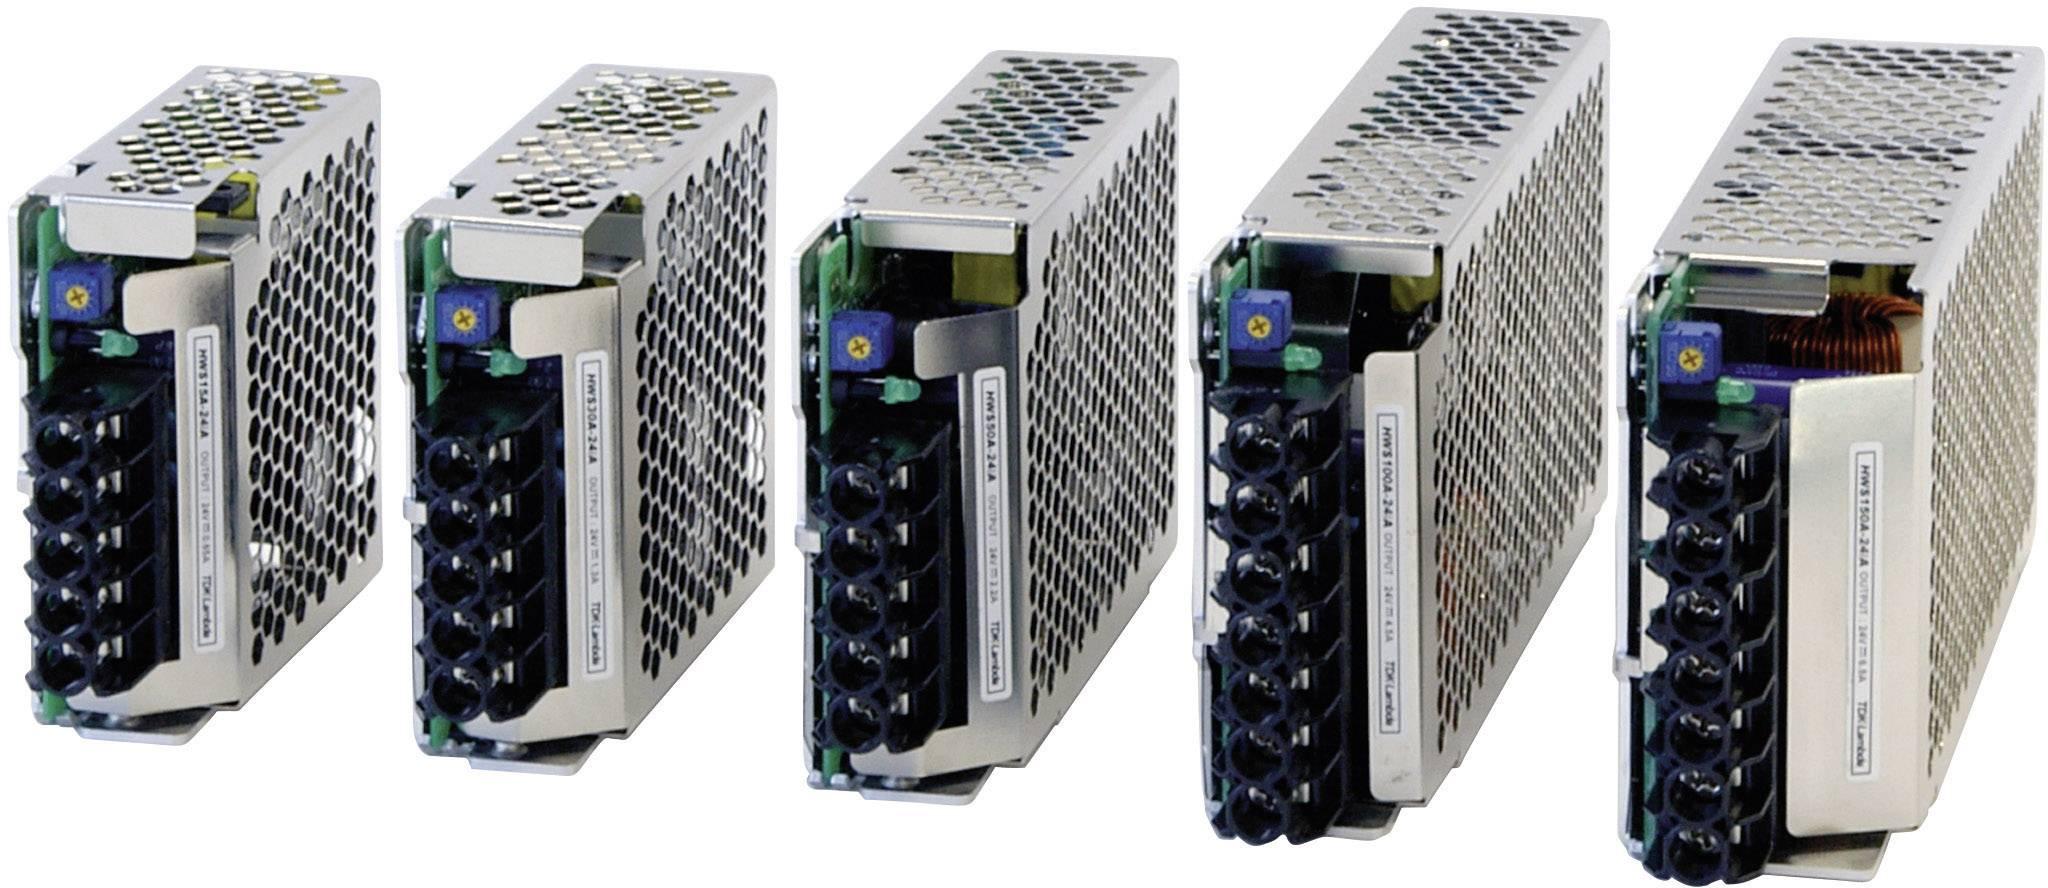 Vestavný napájecí zdroj TDK-Lambda HWS-15A-15/A, 15 V, 15 W